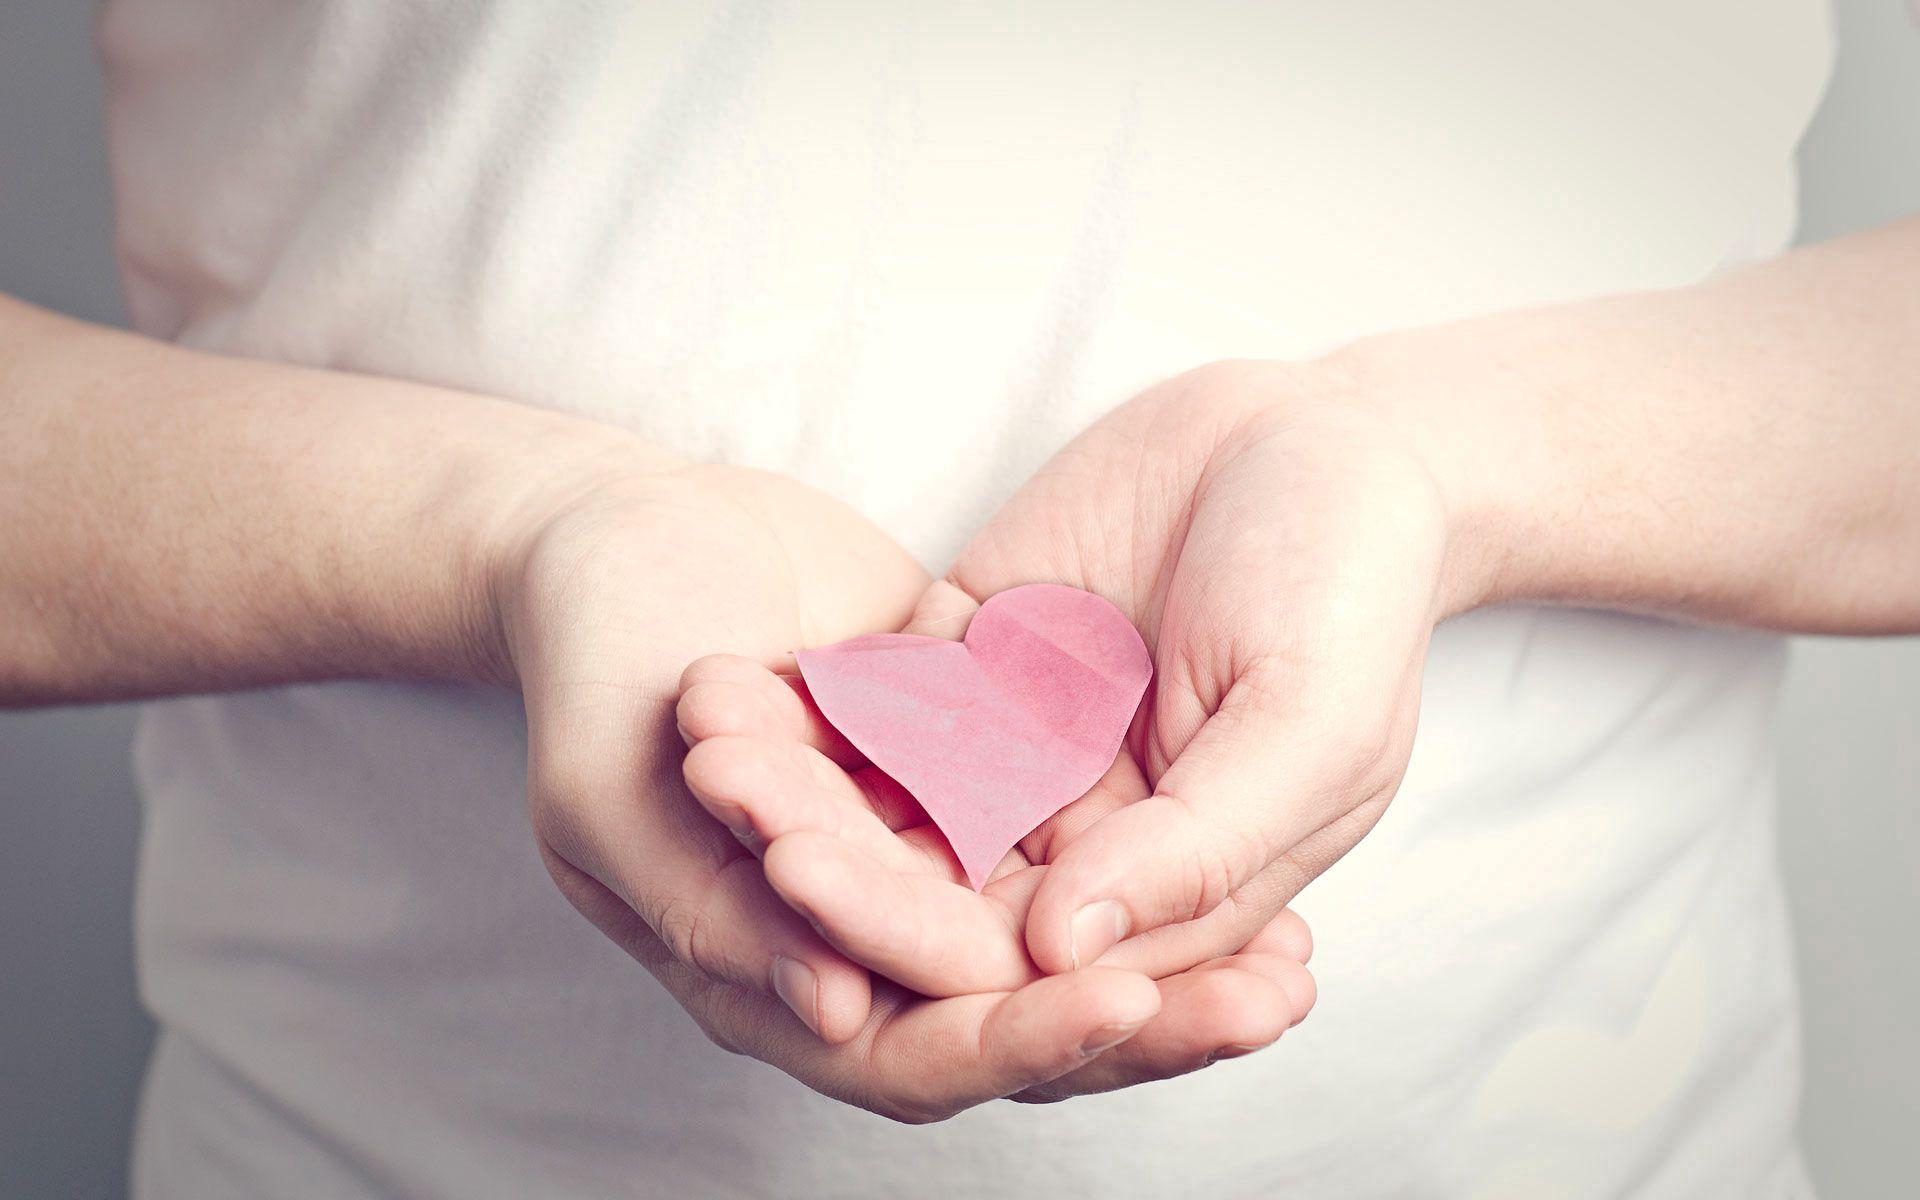 128785 Hintergrundbild herunterladen Papier, Herzen, Rosa, Liebe, Hände, Ein Herz - Bildschirmschoner und Bilder kostenlos